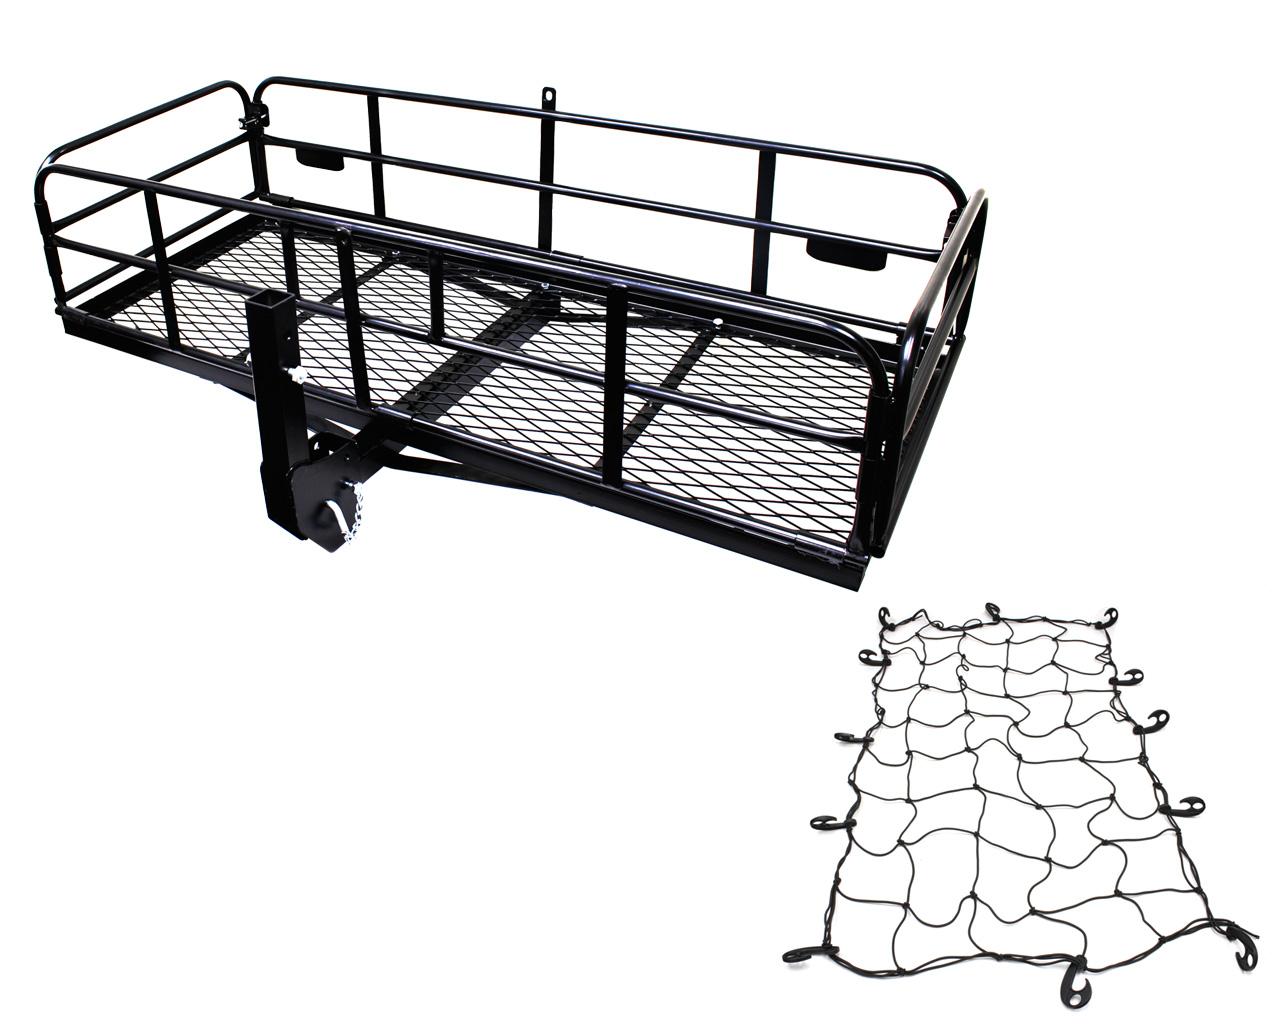 折り畳み式 カーゴネット付き ケージ付きヒッチキャリアカーゴ C04